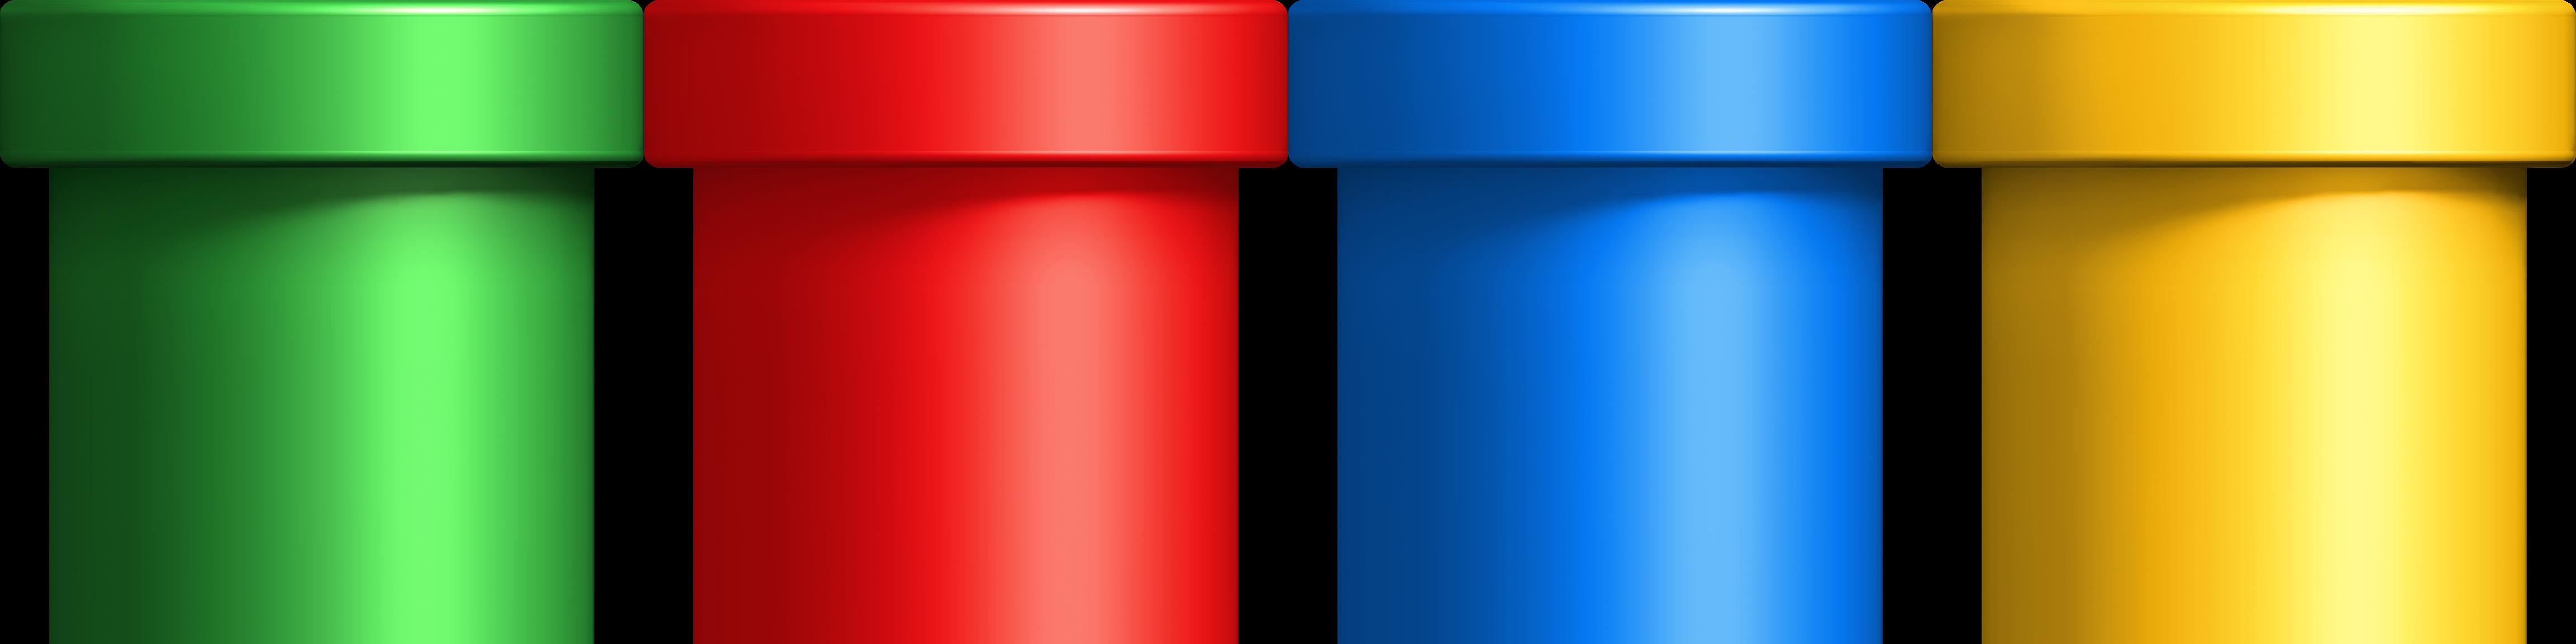 Index Of Jpassera Images